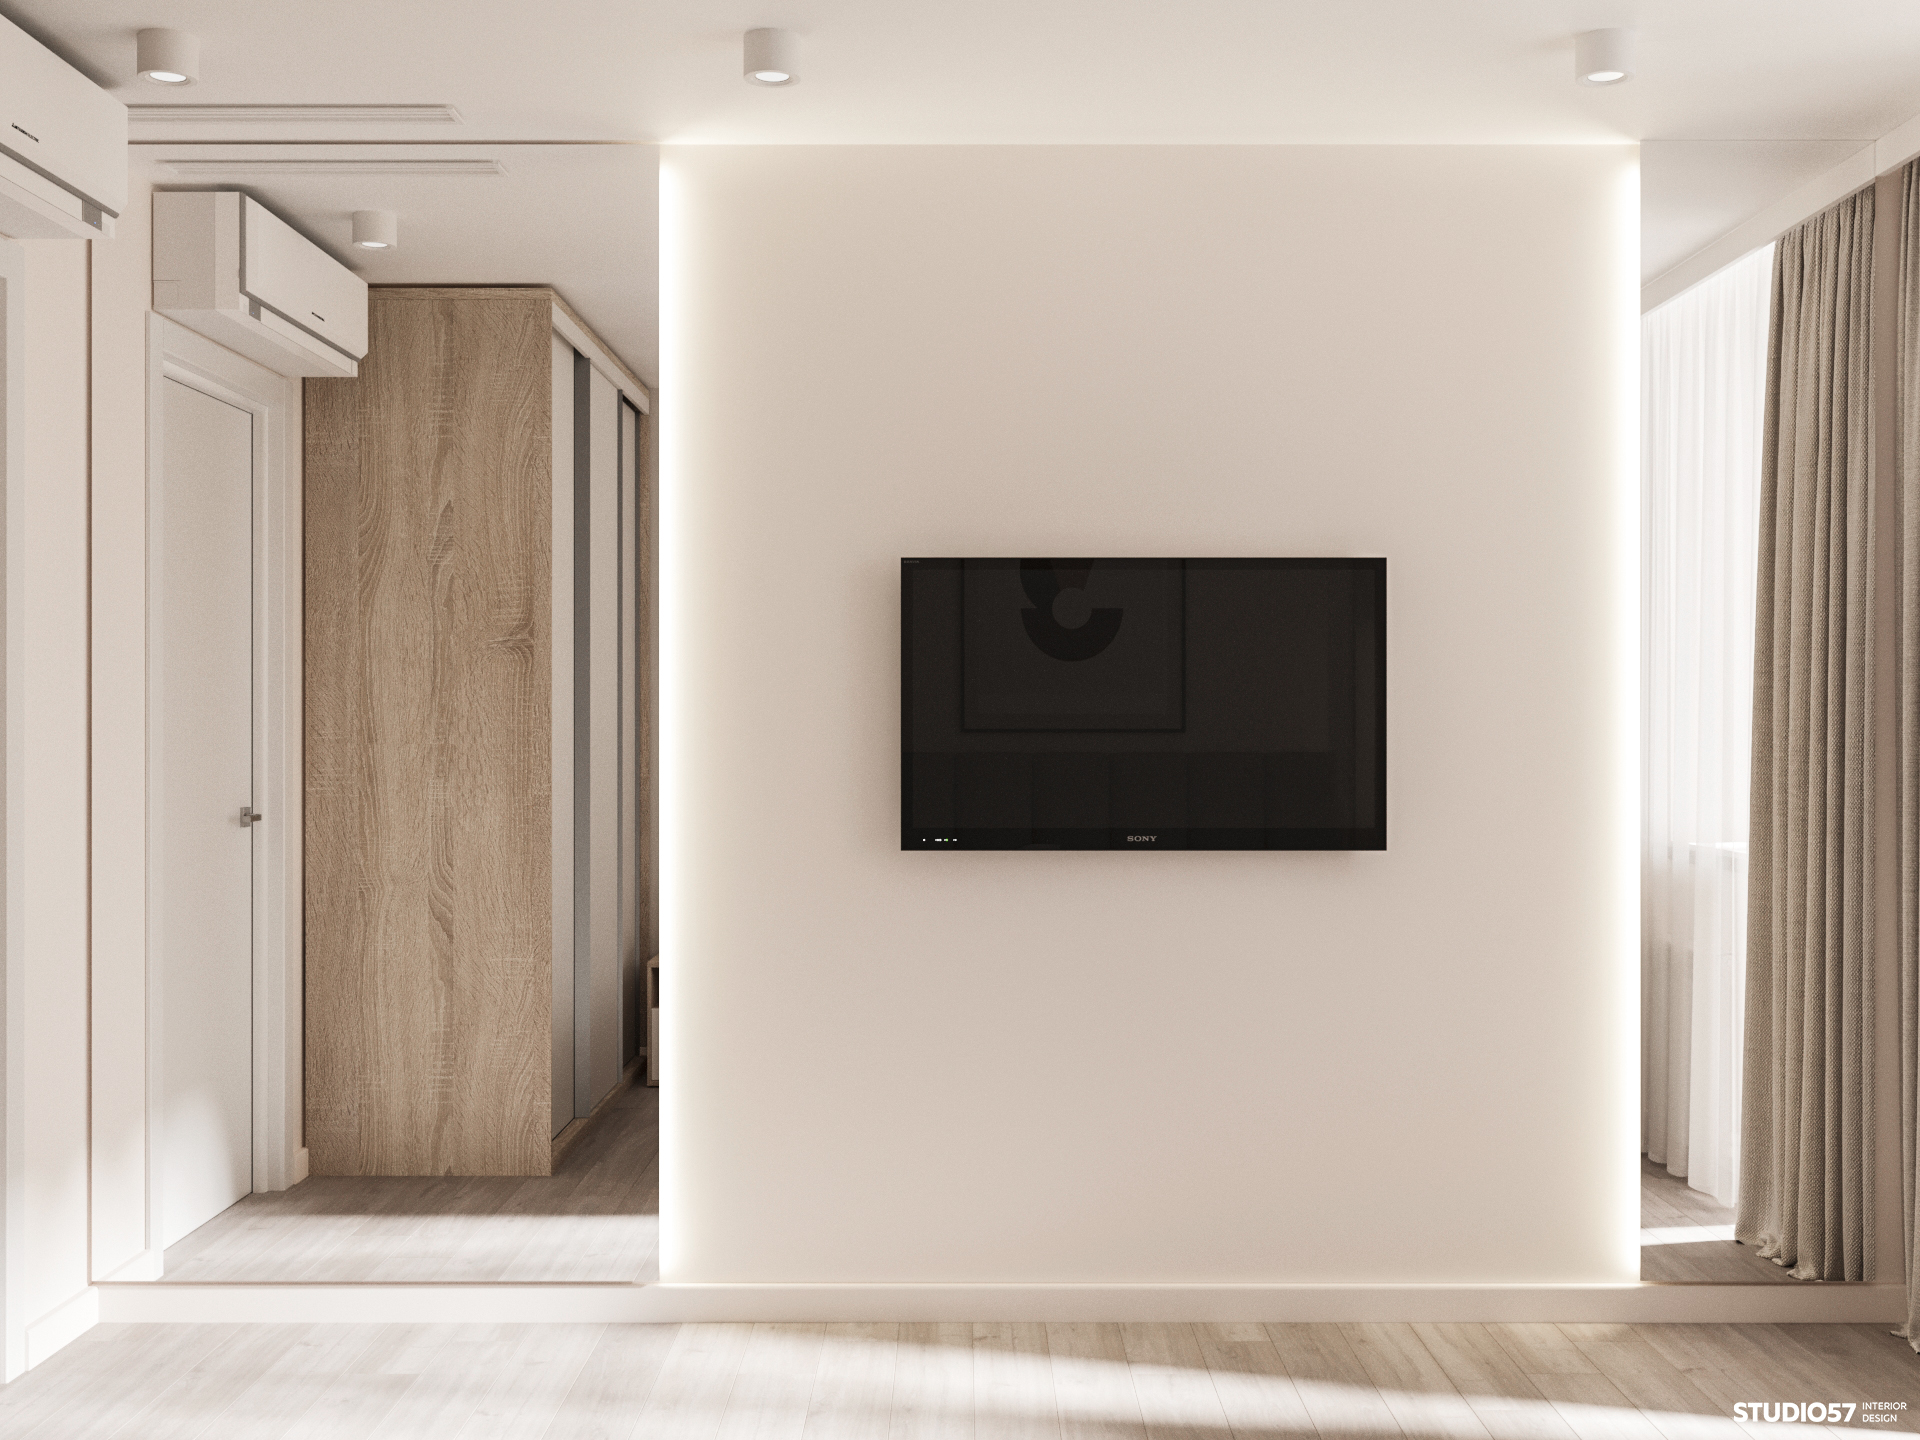 Дизайн спальни. Зона ТВ.